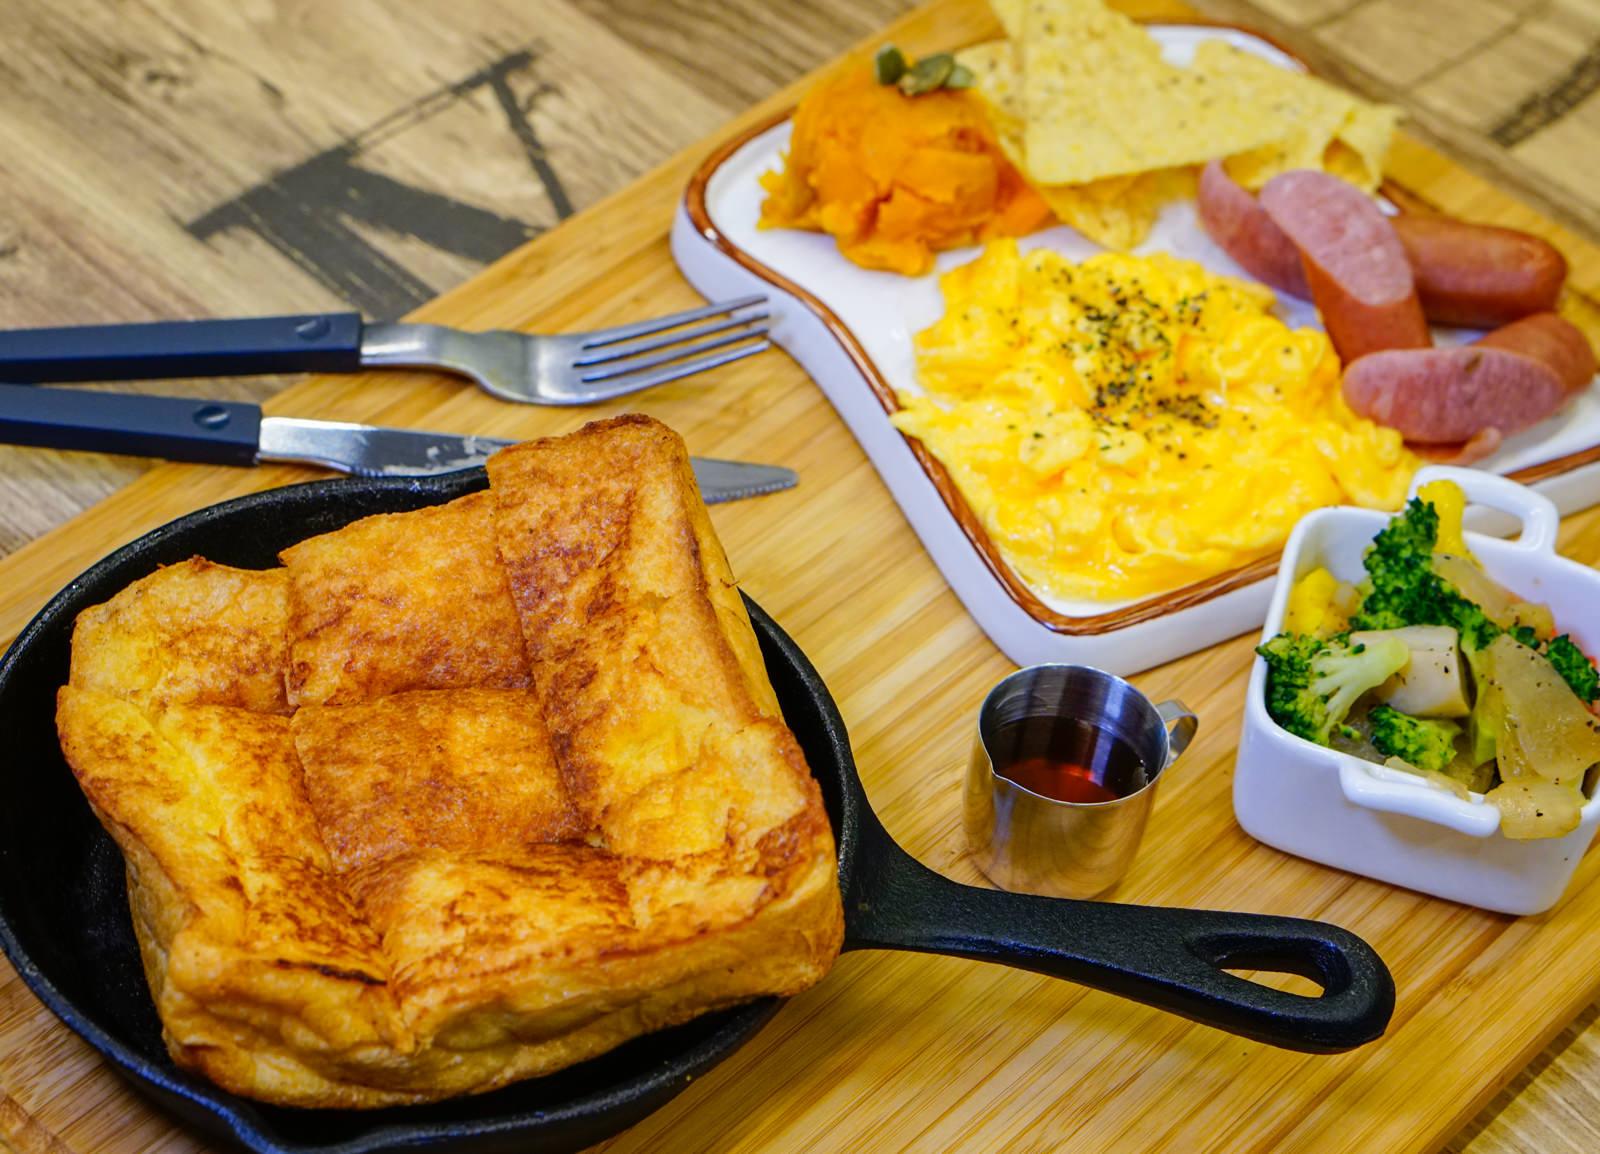 [高雄]原味好食輕食早午餐-兩手無法掌握的超大三明治 品嘗食物簡單美味 高雄早午餐推薦 @美食好芃友